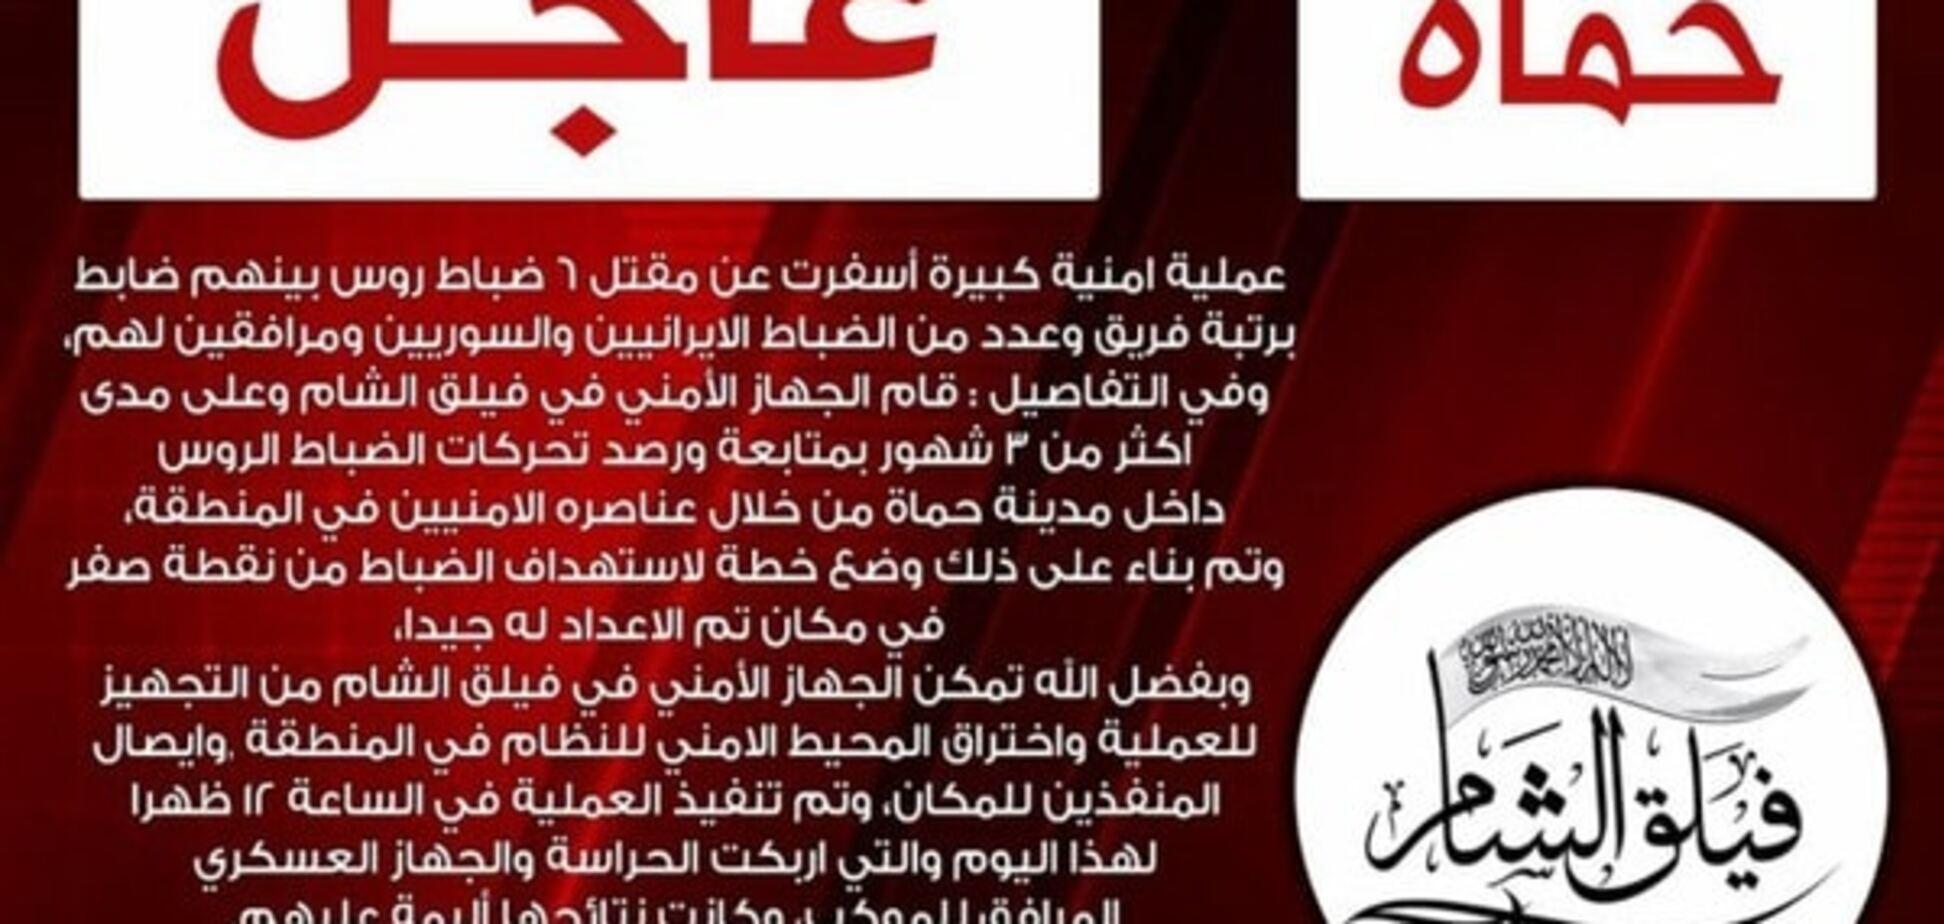 В Сирии разгромлена колонна правительственных войск: убиты шесть российских офицеров